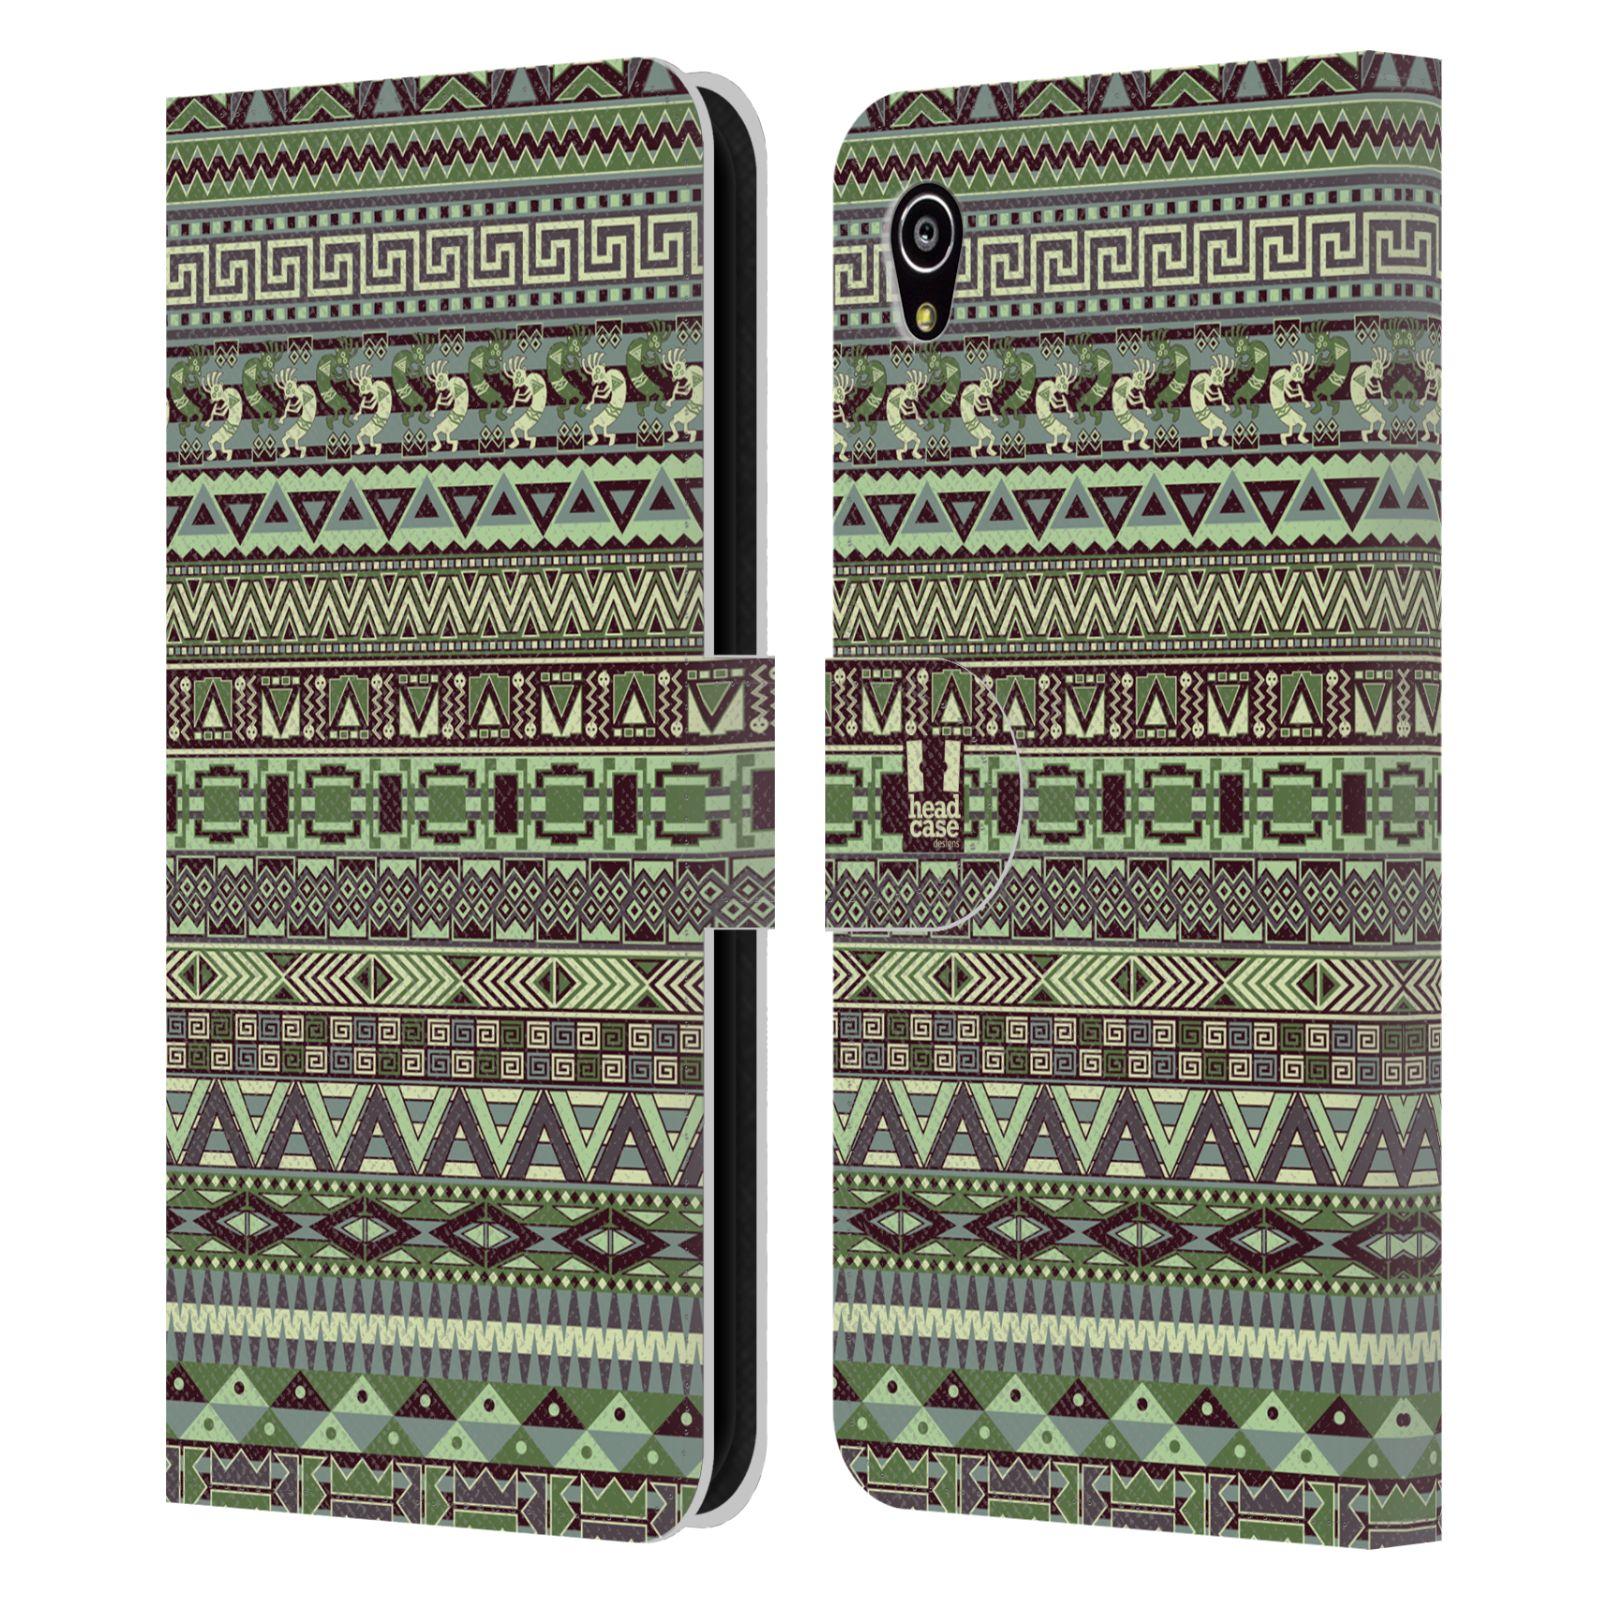 HEAD CASE Flipové pouzdro pro mobil SONY XPERIA M4 AQUA Indiánský vzor GREEN zelená